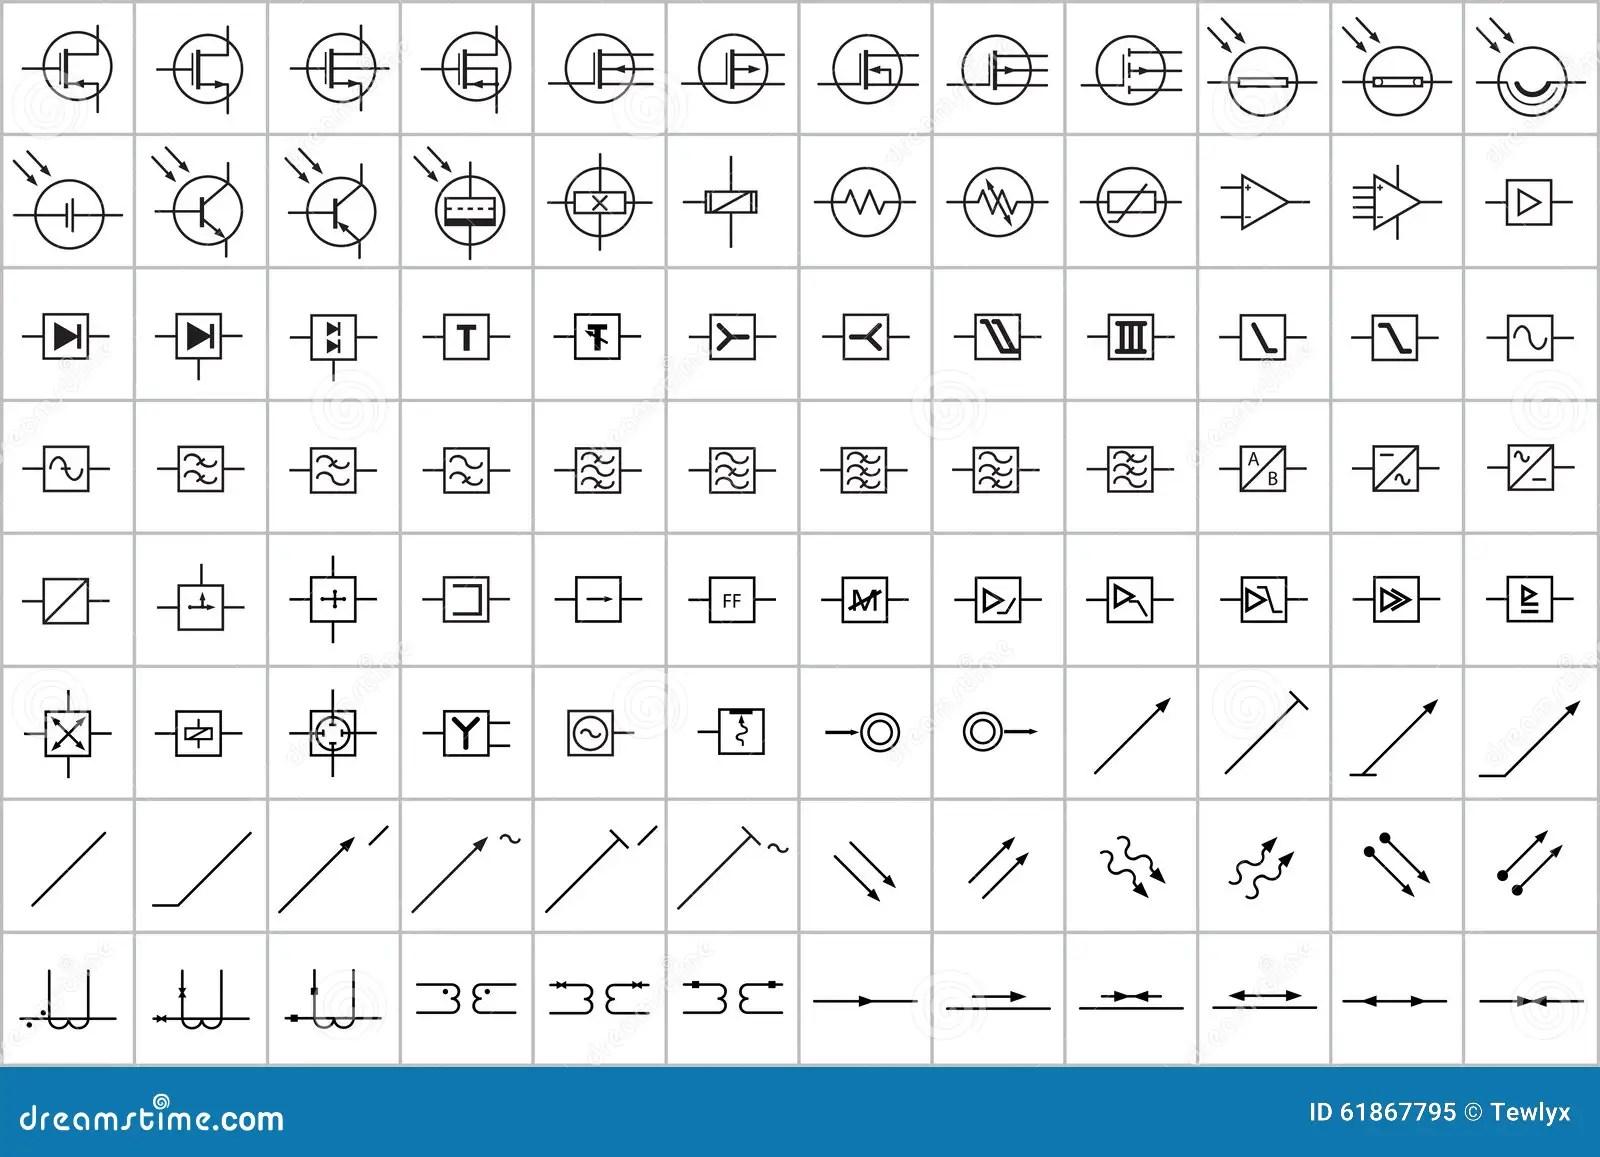 Wunderbar Visio Elektronische Symbole Ideen - Der Schaltplan ...